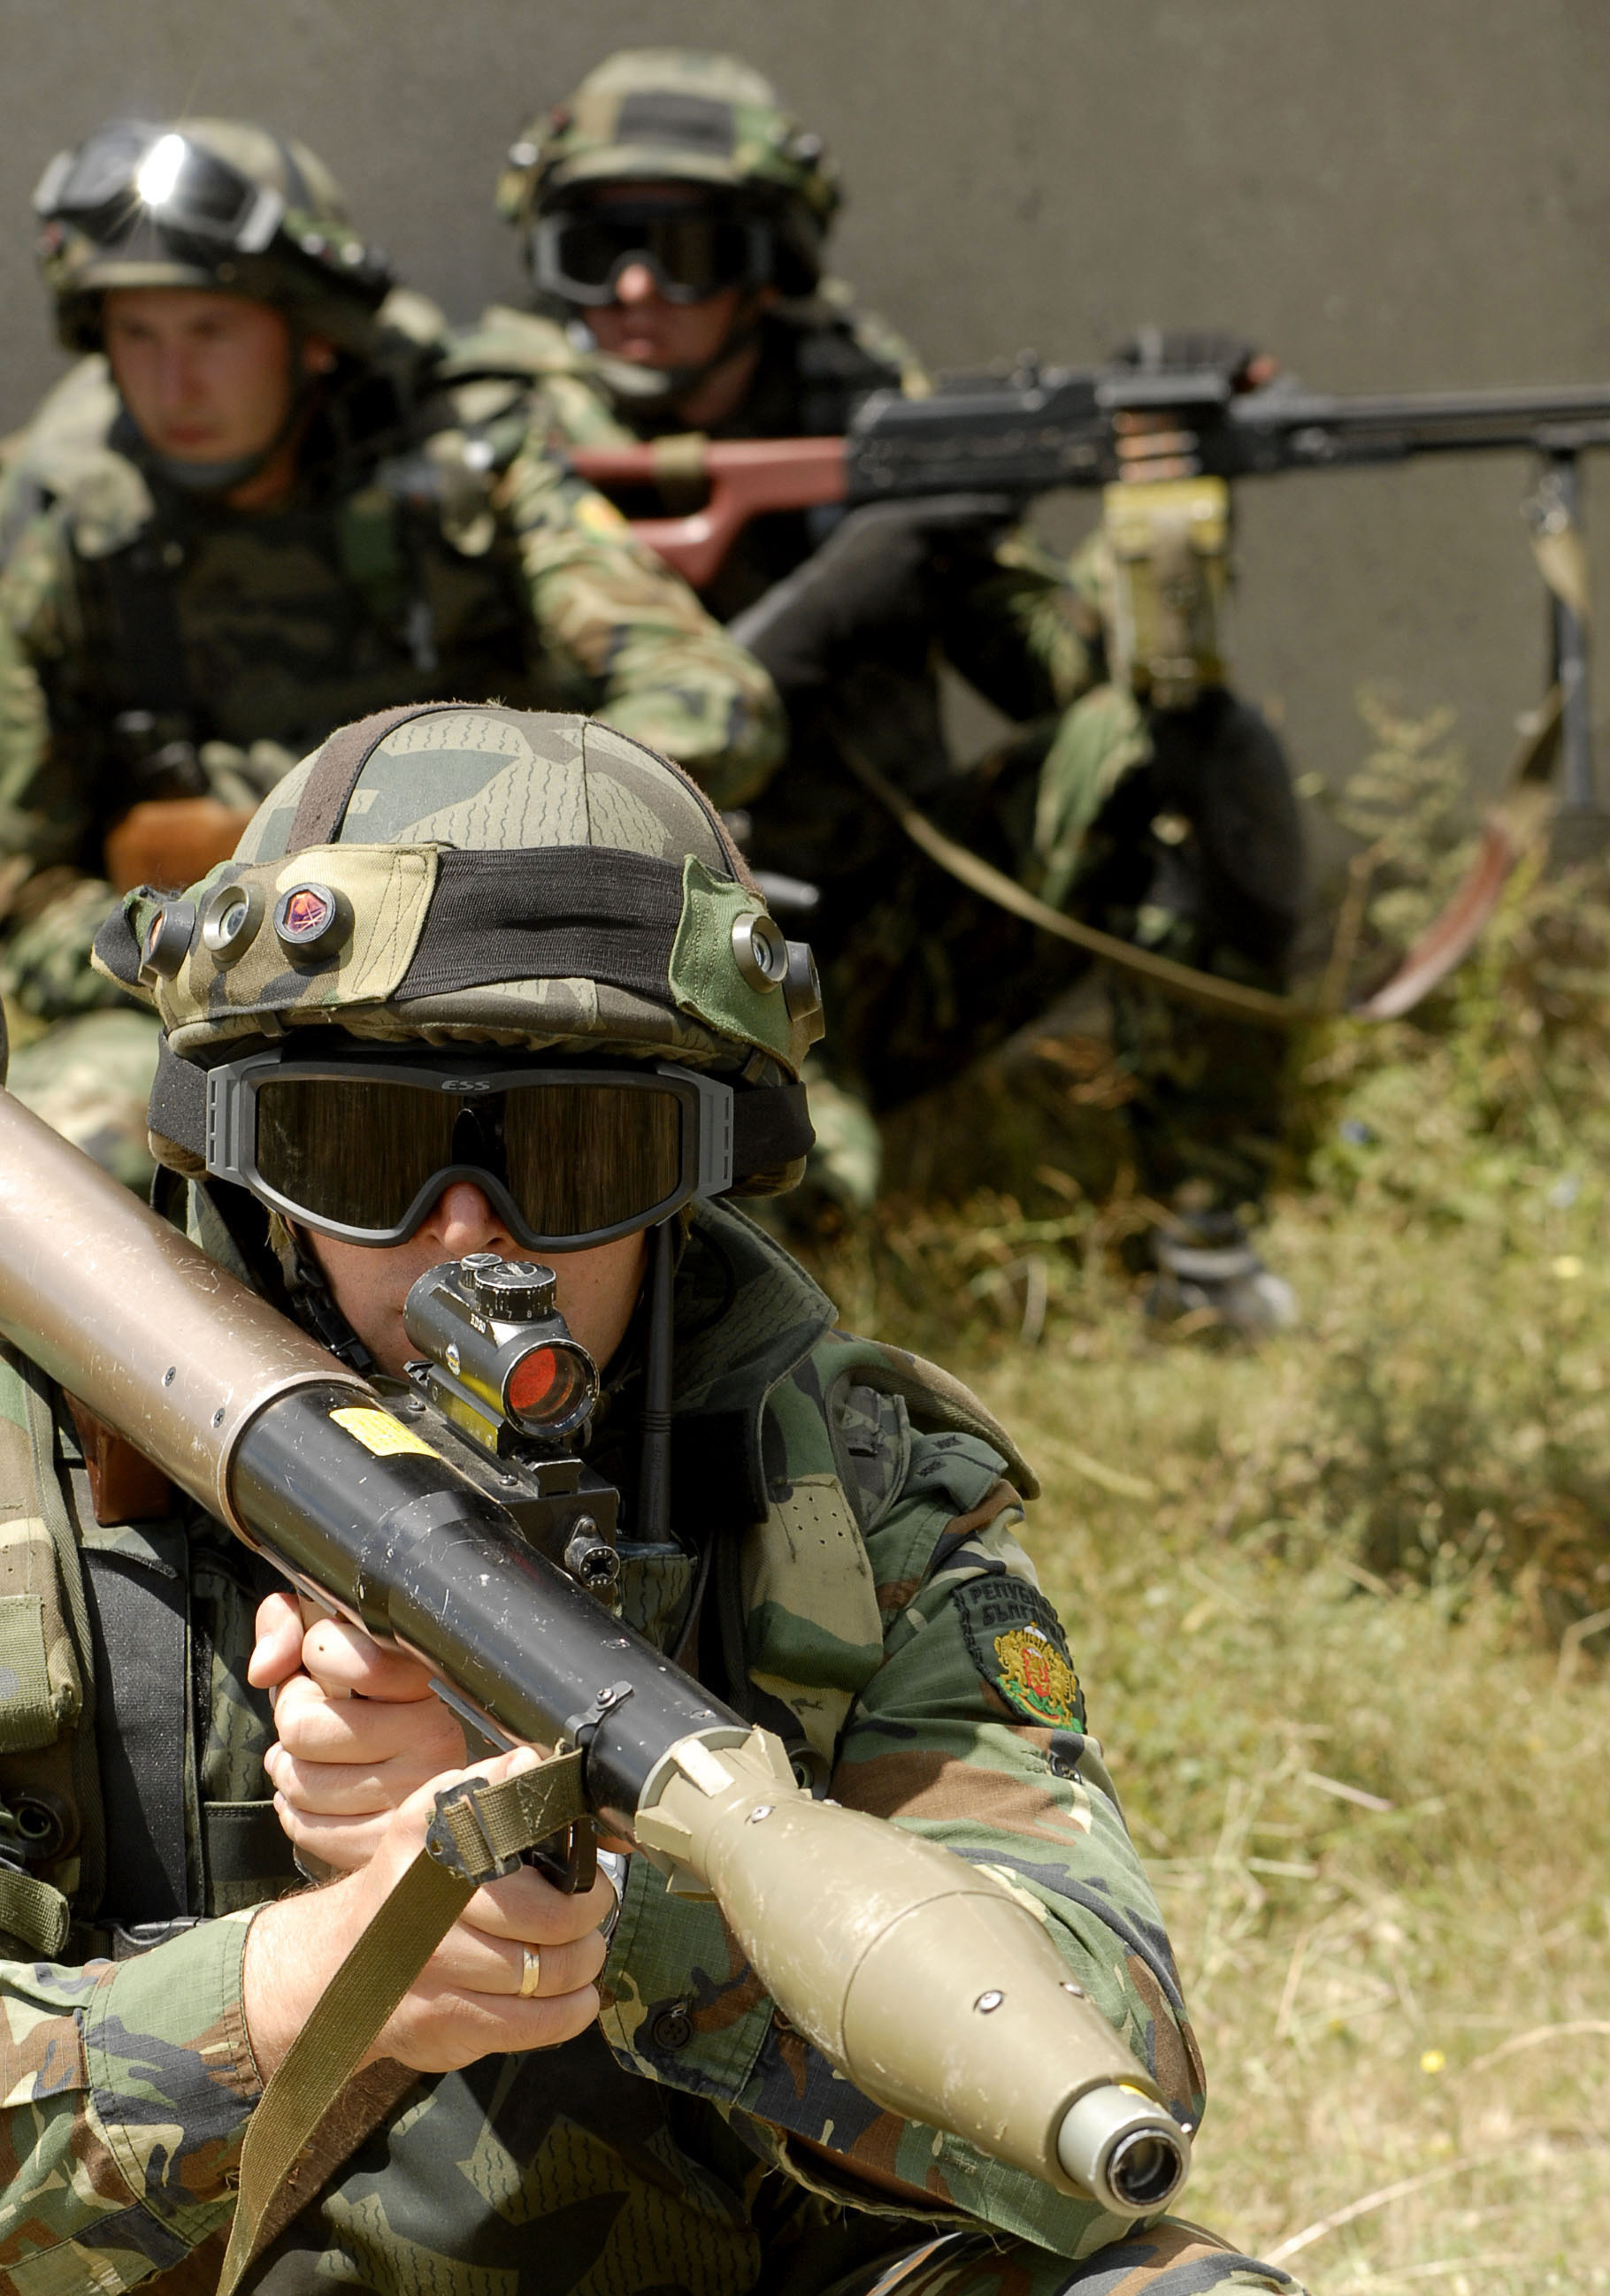 современная российская армия, скачать фото, обои для рабочего стола, modern russian wallpaper